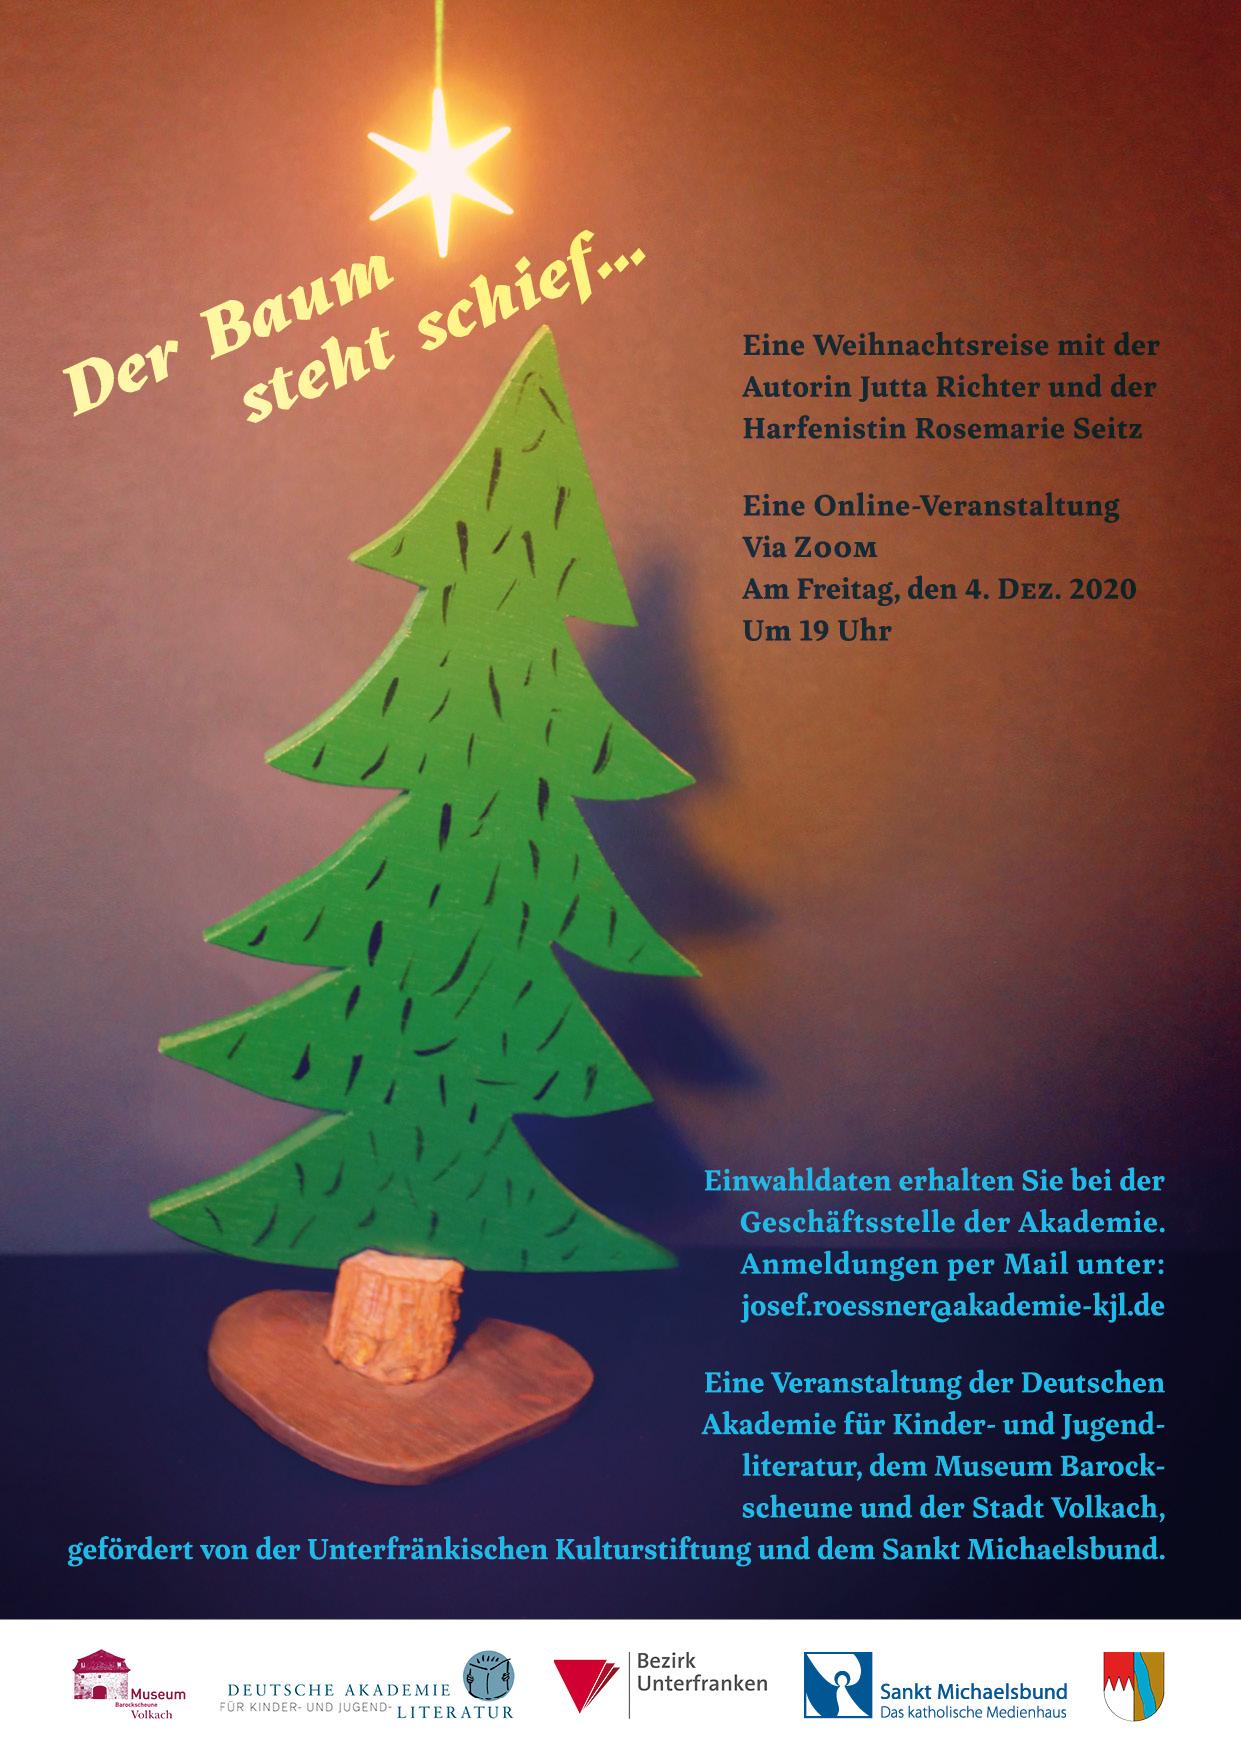 Der Baum steht schief ... eine Weihnachtsreise mit Jutta Richter und Rosemarie Seitz